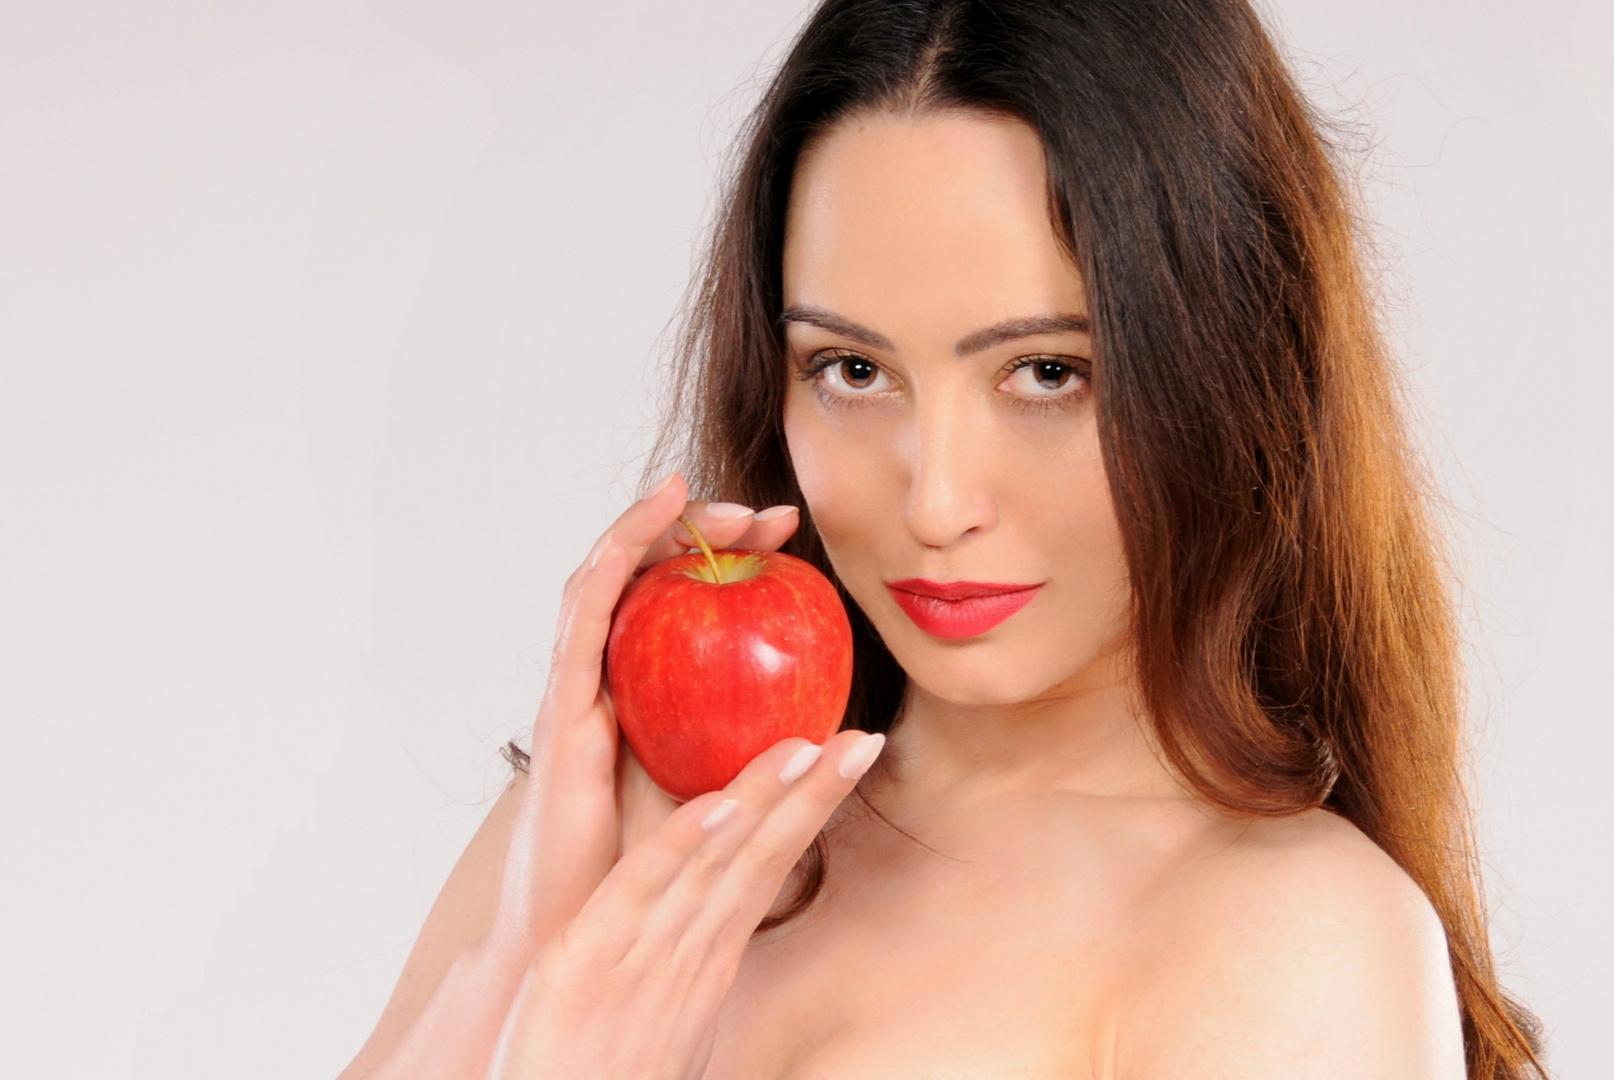 nur ein Apfel, mehr nicht .................